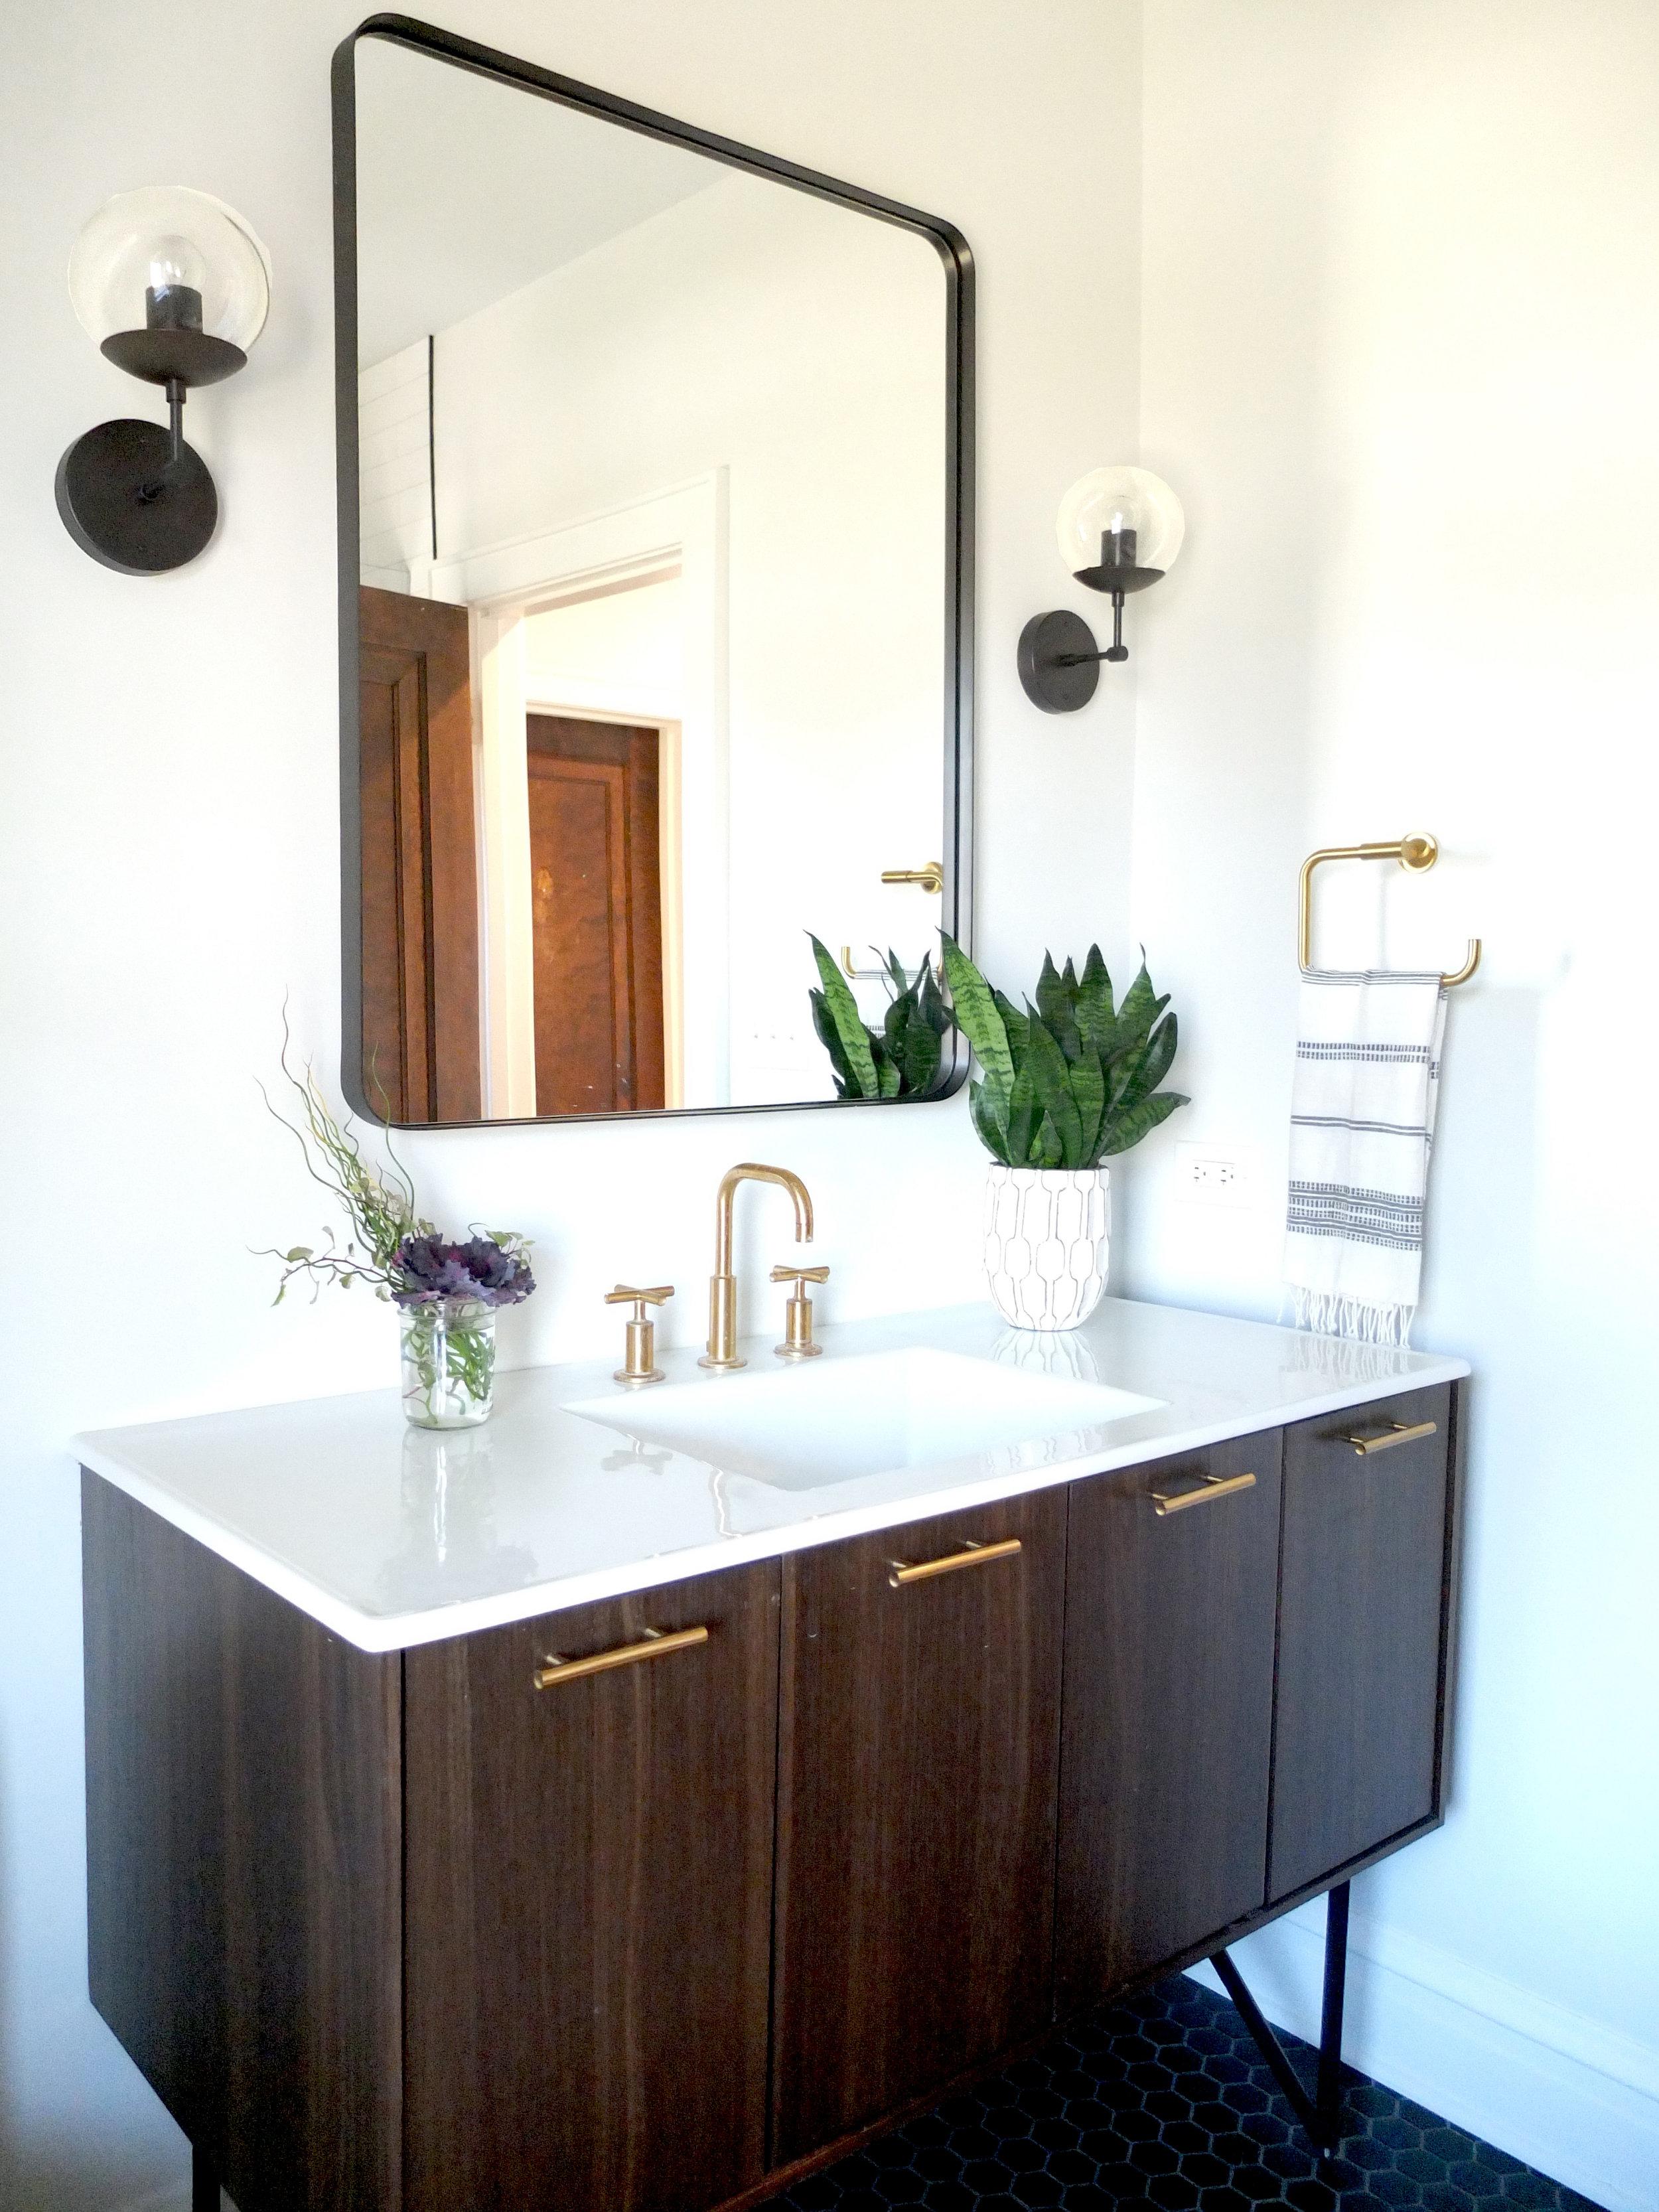 Bathroom_Vanity_DSCF0900.jpg